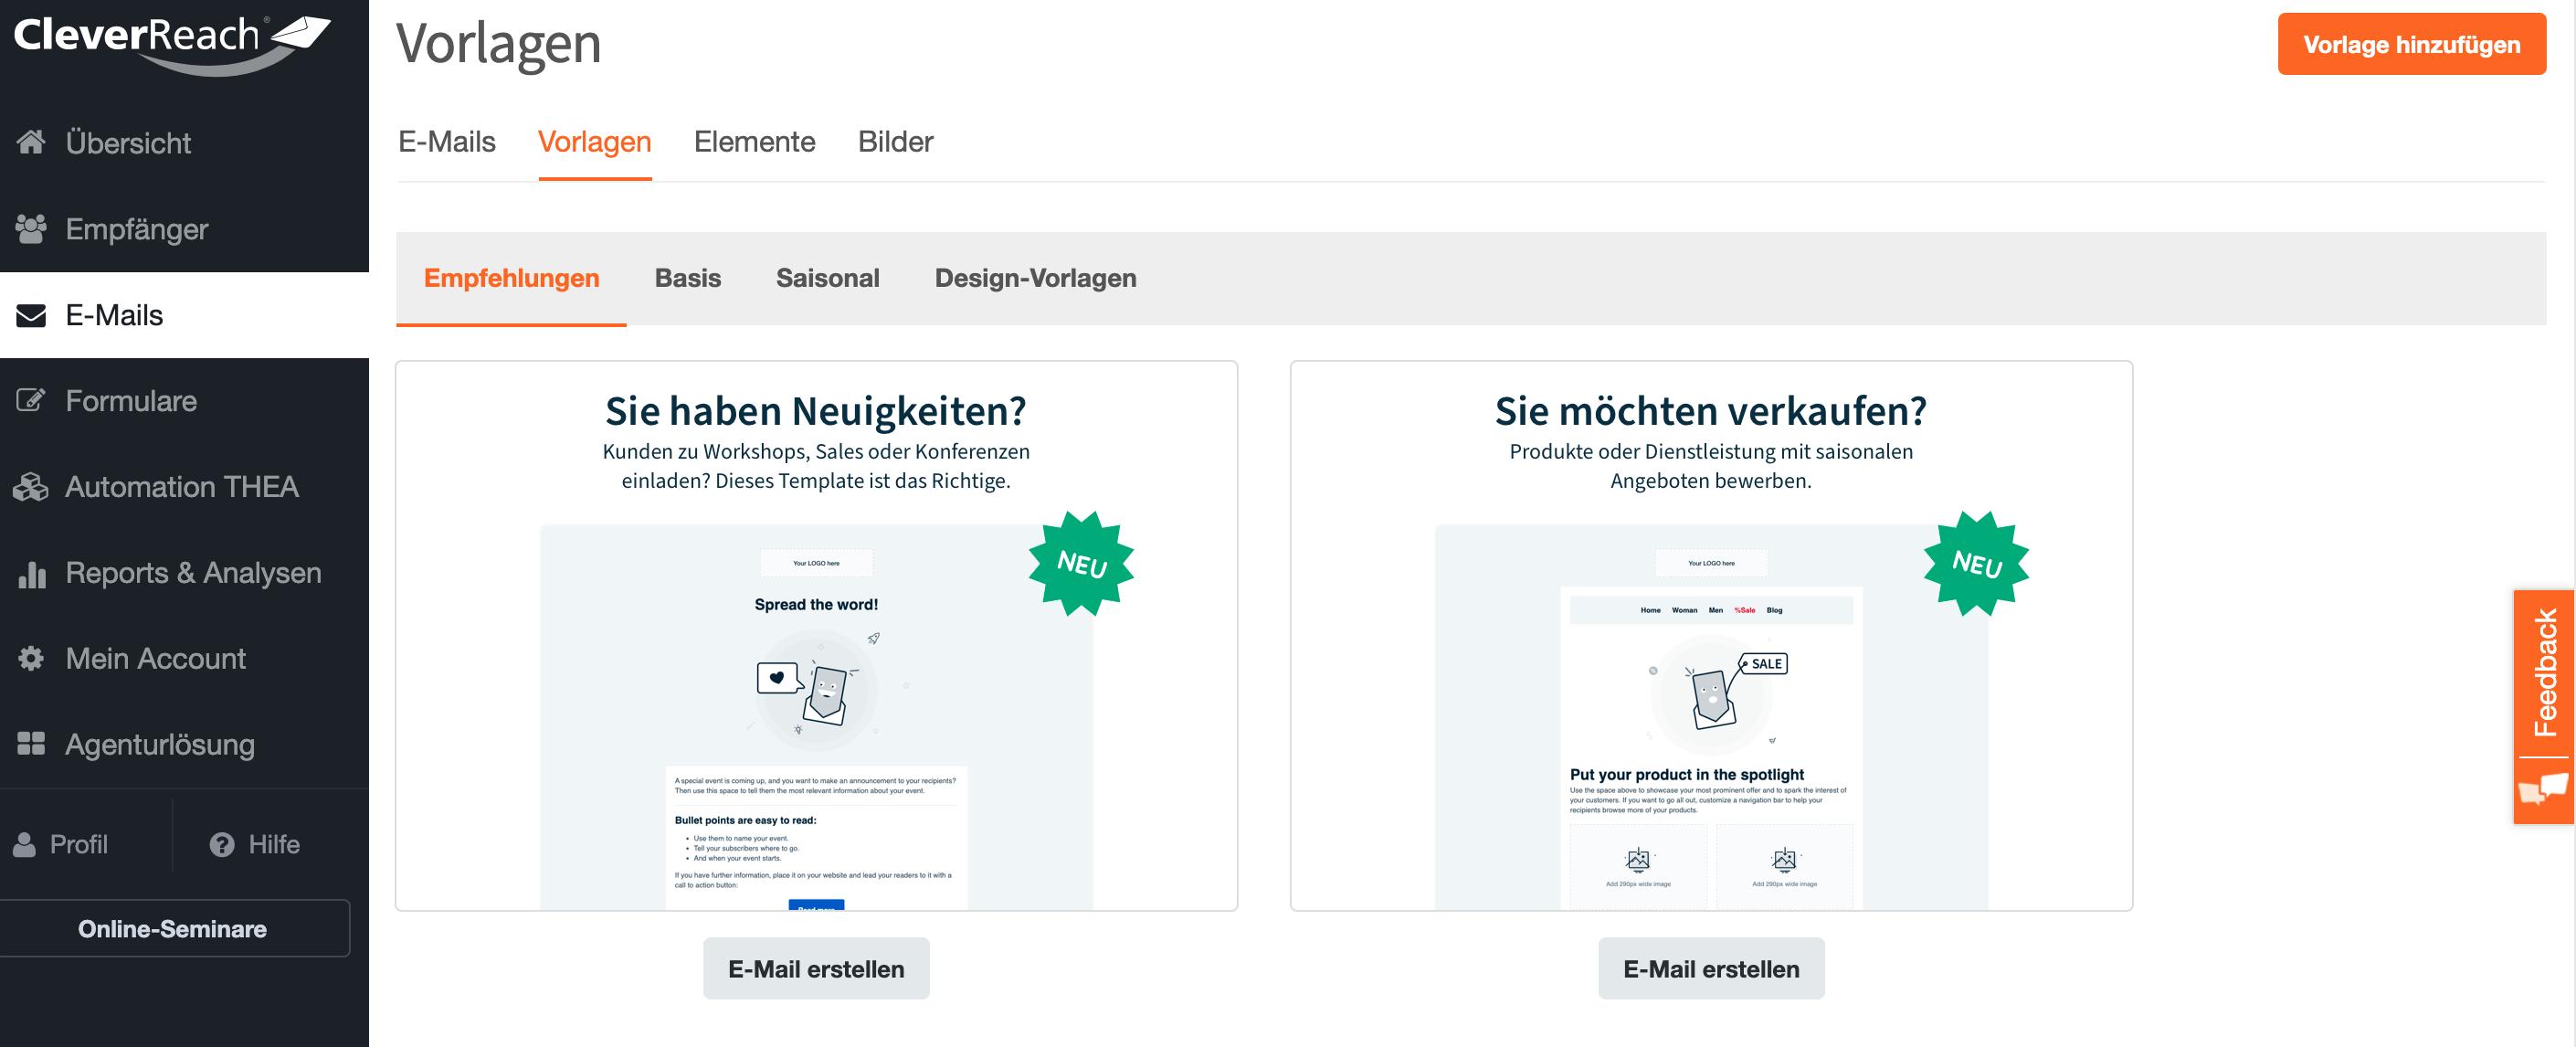 Template Converter - Übersicht Vorlagen - CleverReach